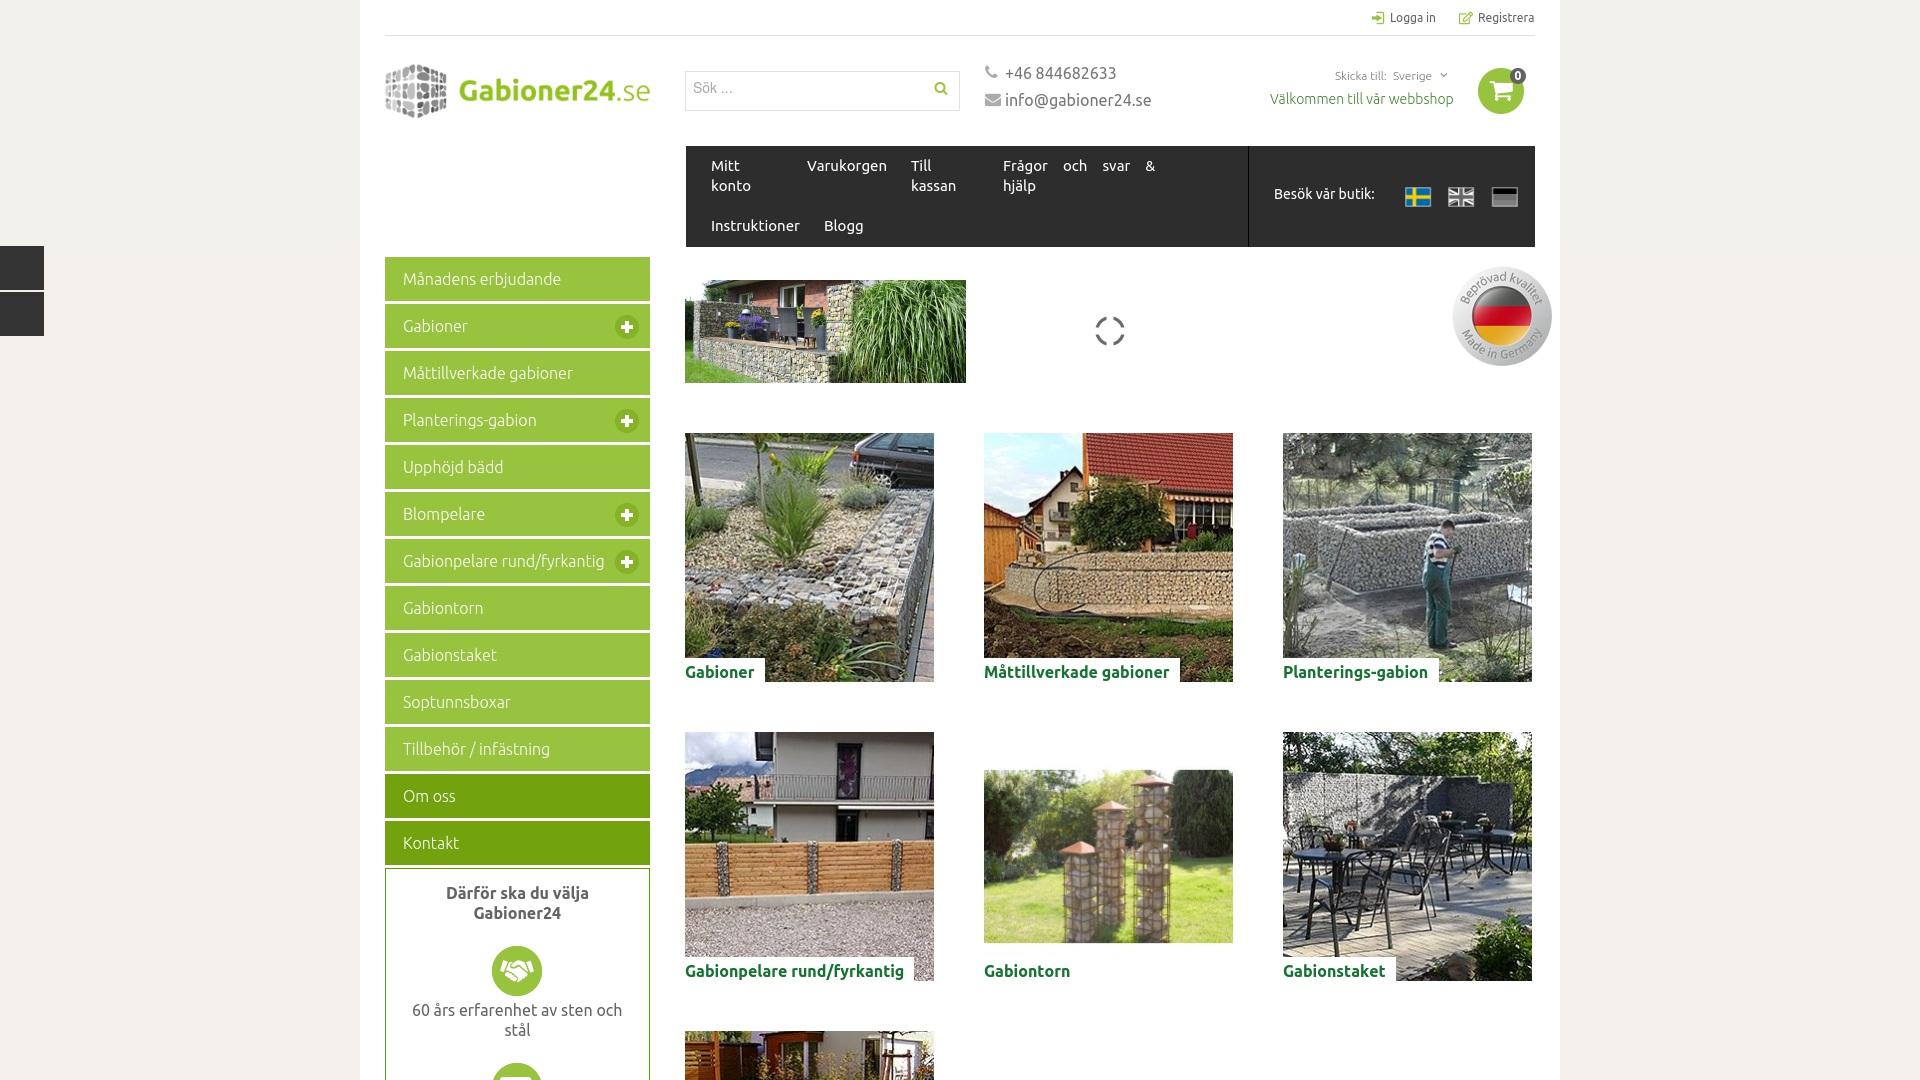 Gutschein für Gabioner24: Rabatte für Gabioner24 sichern